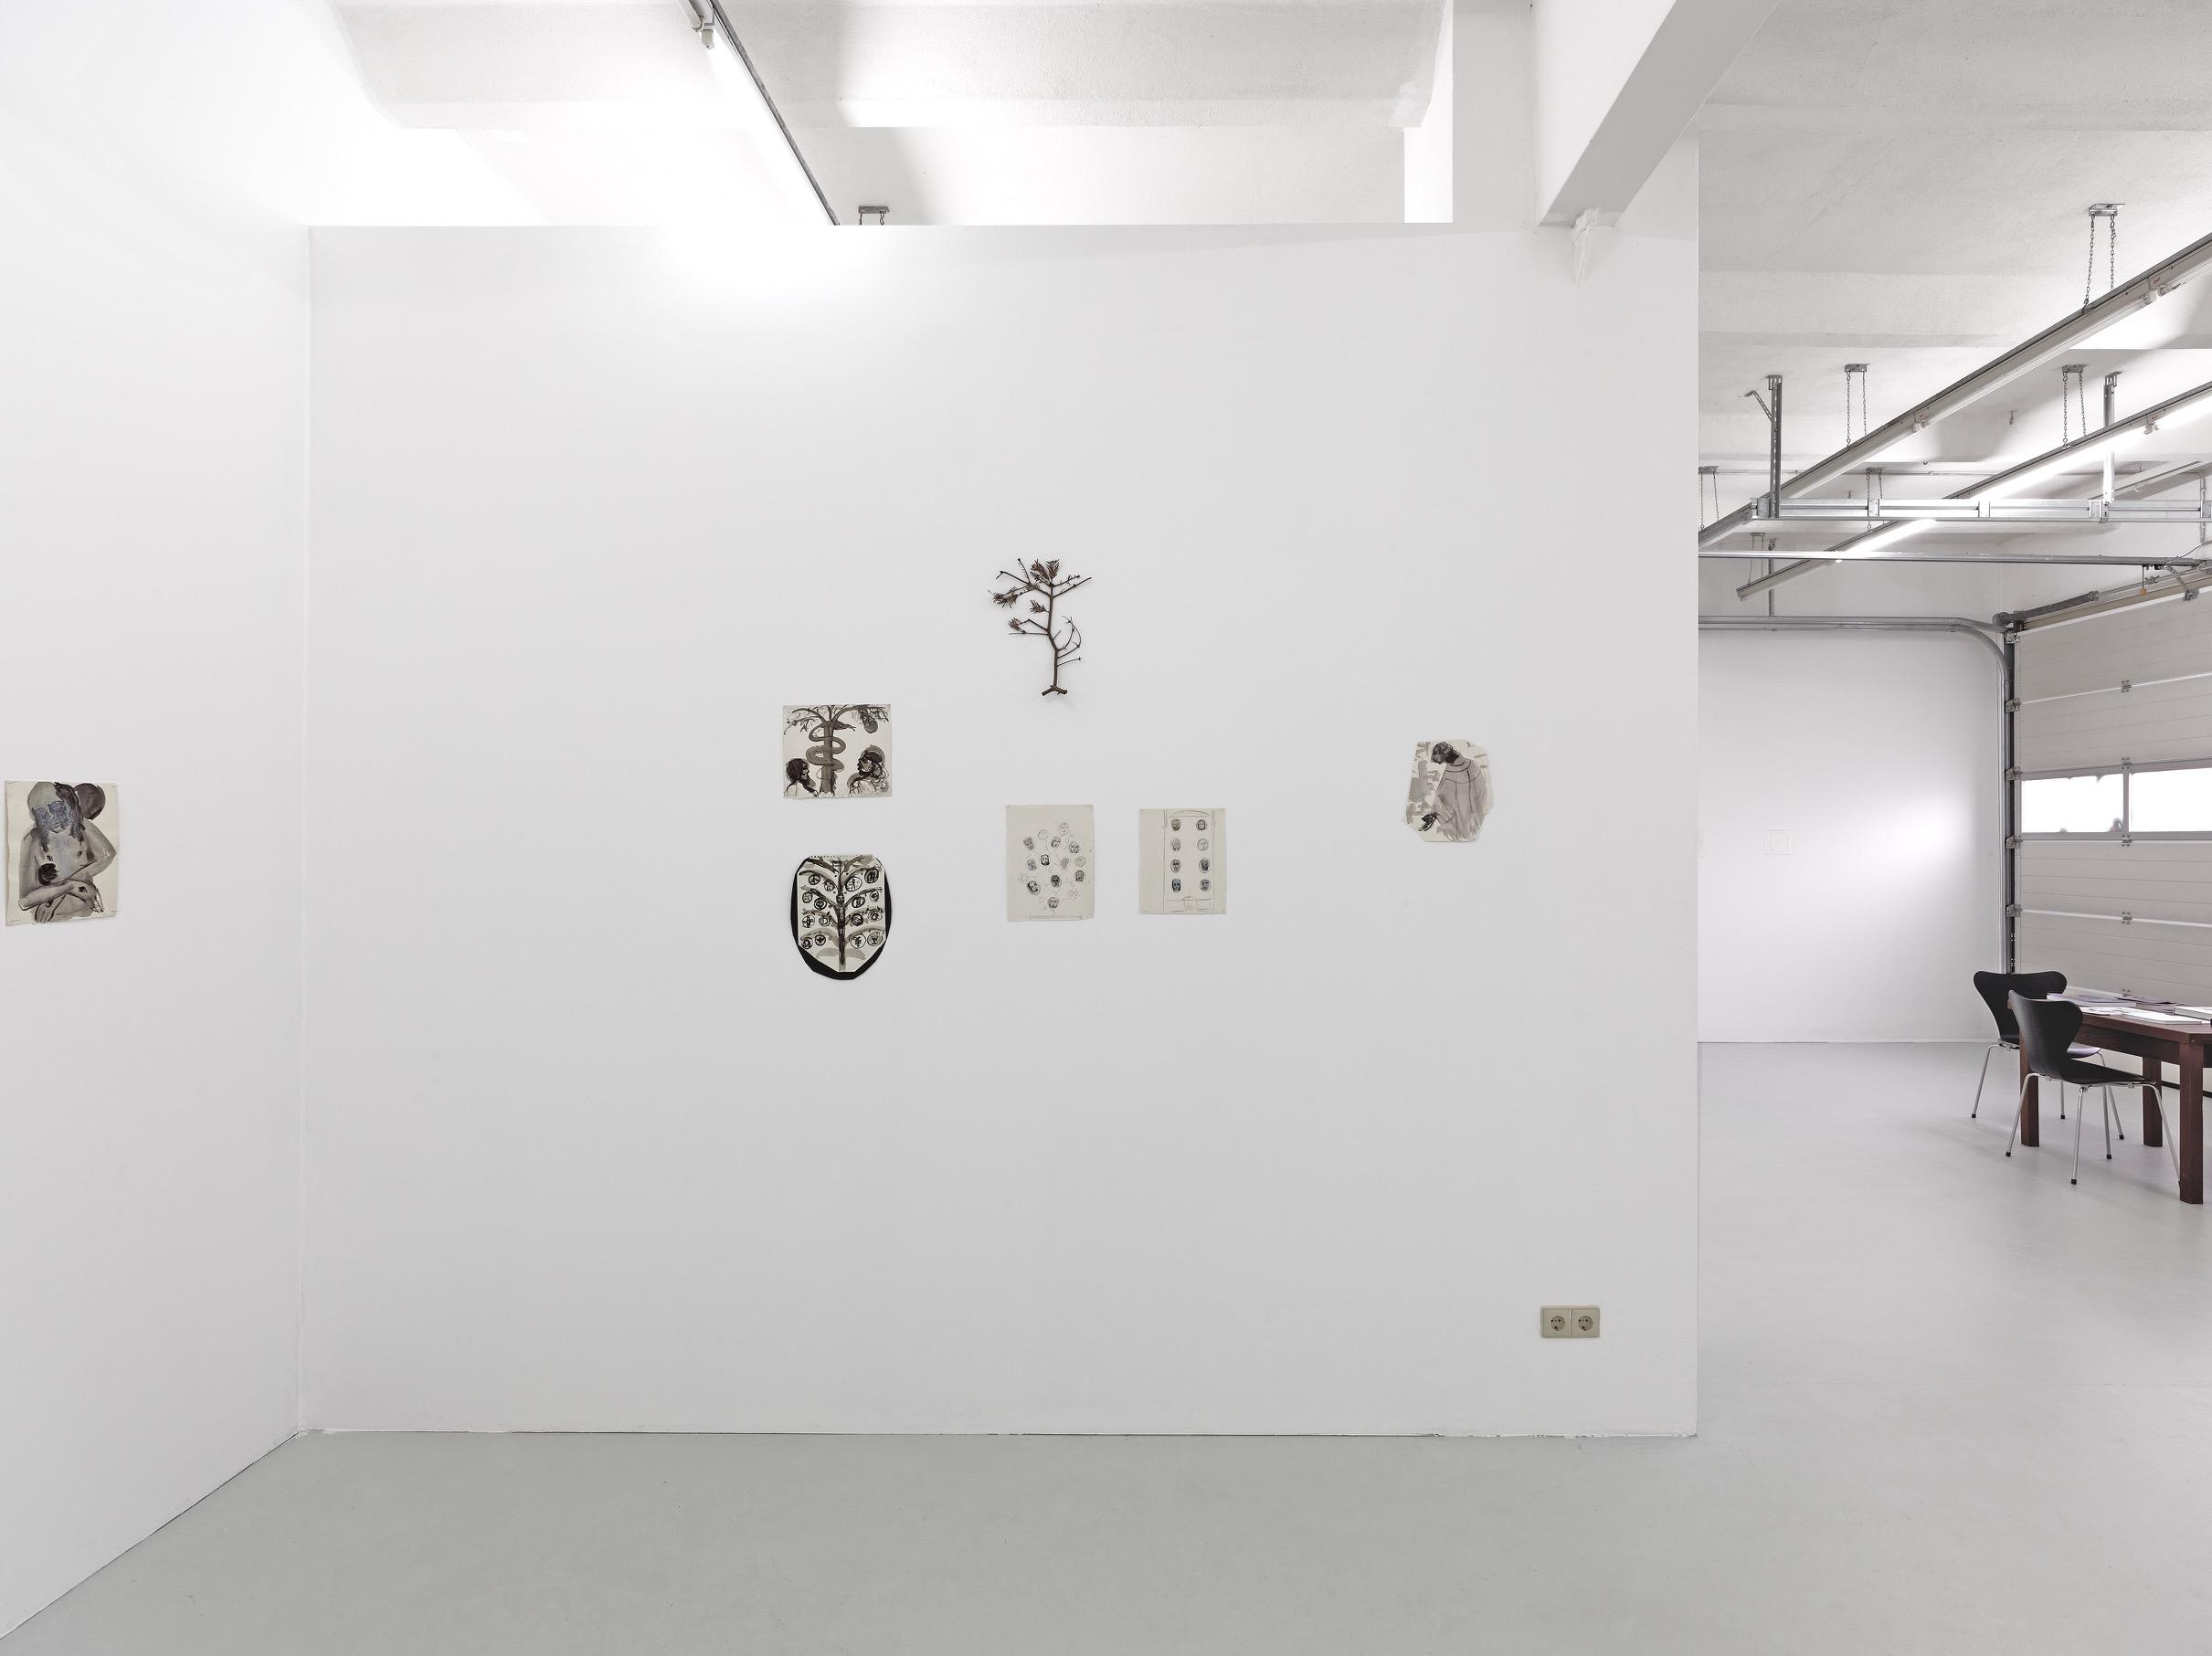 <i>Marlene Dumas, Die Entstehung eines Altarbildes, in Zusammenarbeit mit Jan Andriesse und Bert Boogaard</i>, Galerie Gebr. Lehmann, Dresden, Germany, 2017 (Solo exhibition with Jan Andriesse and Bert Boogaard)